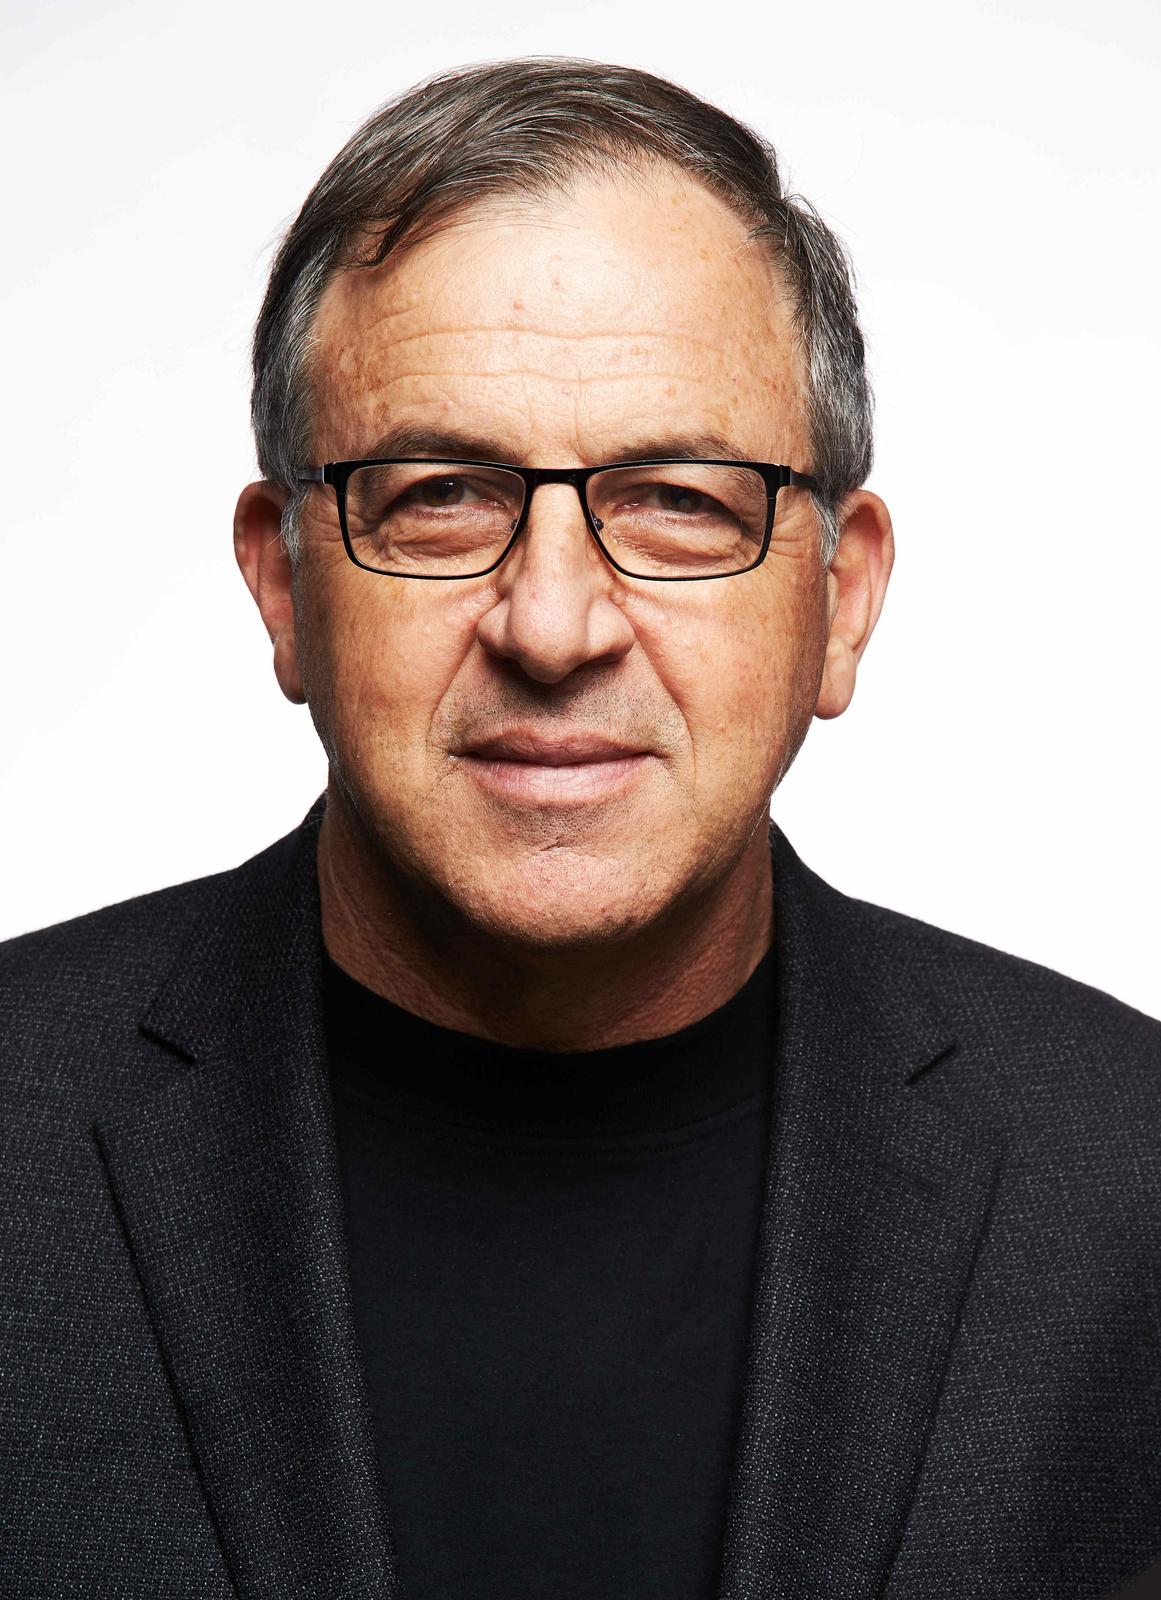 Azi Cohen